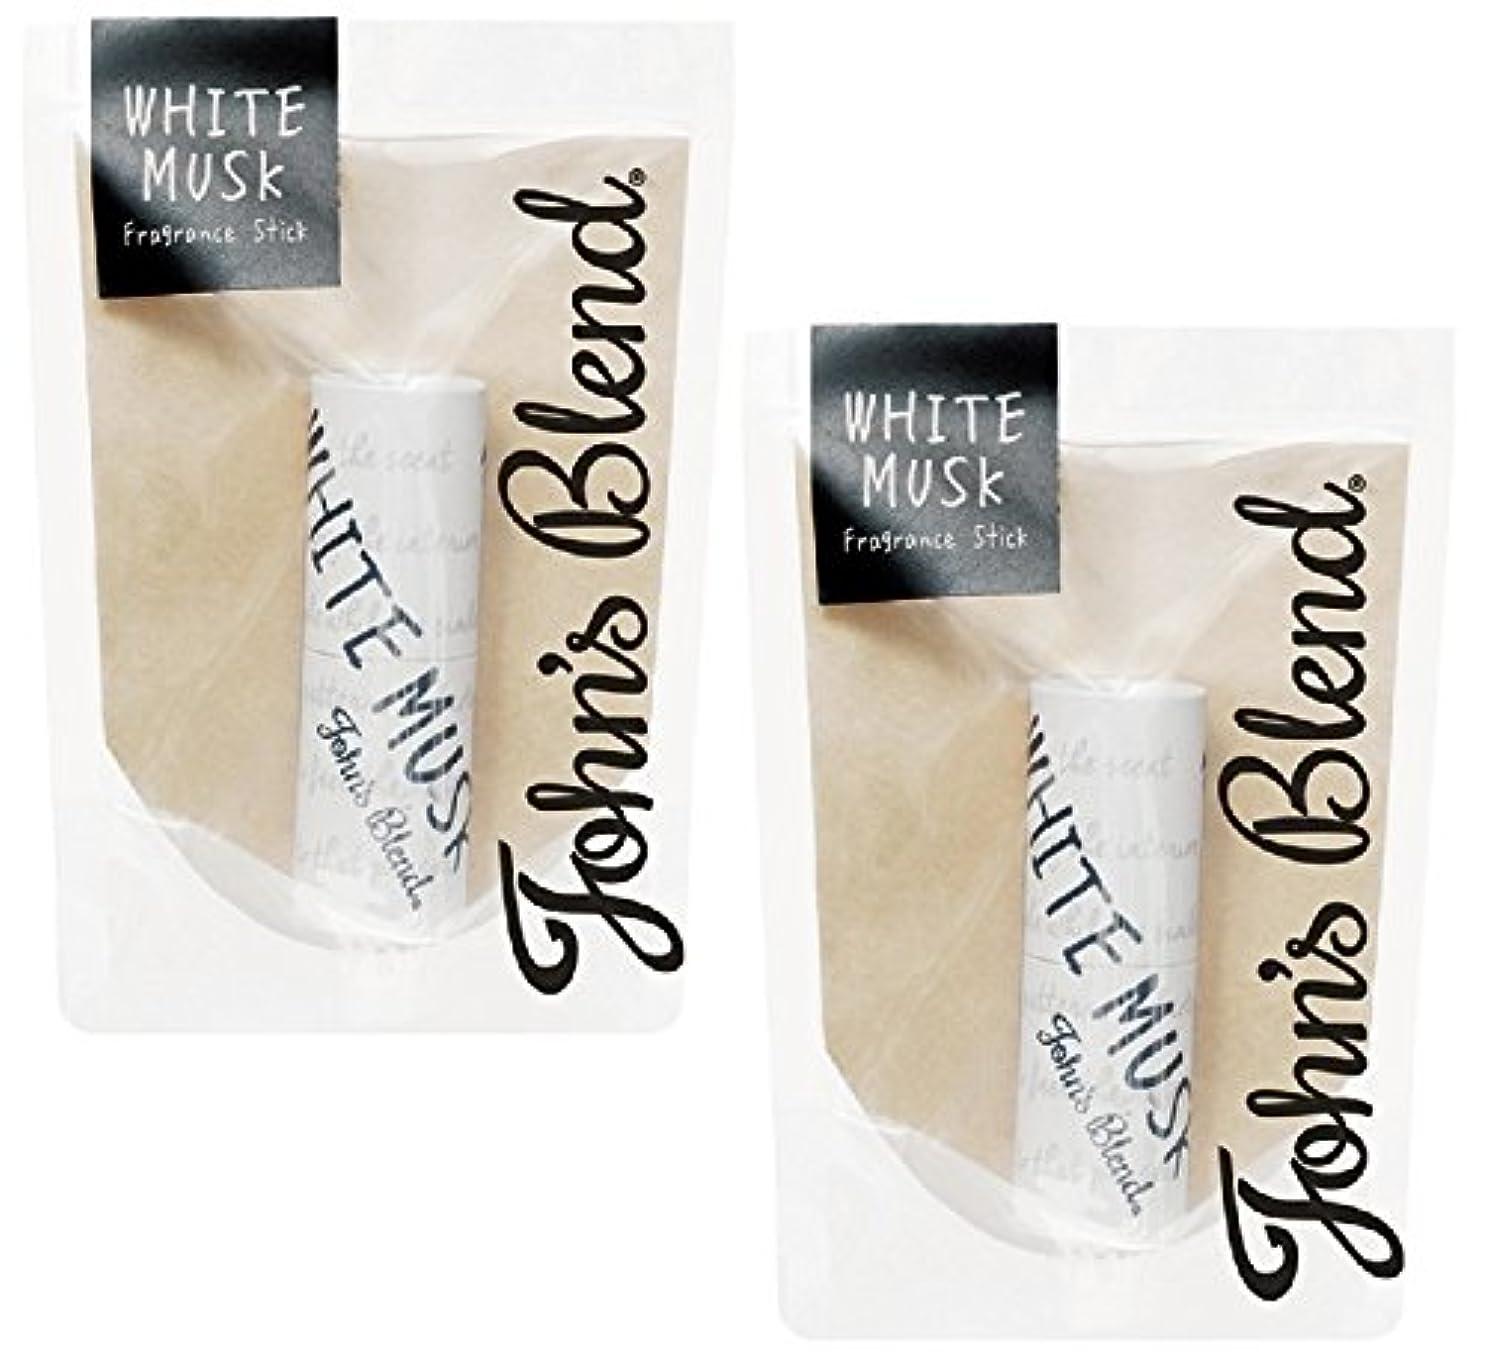 短命タック区画【2個セット】Johns Blend 練り香水 フレグランス スティック ホワイトムスク の香り OZ-JOD-3-1